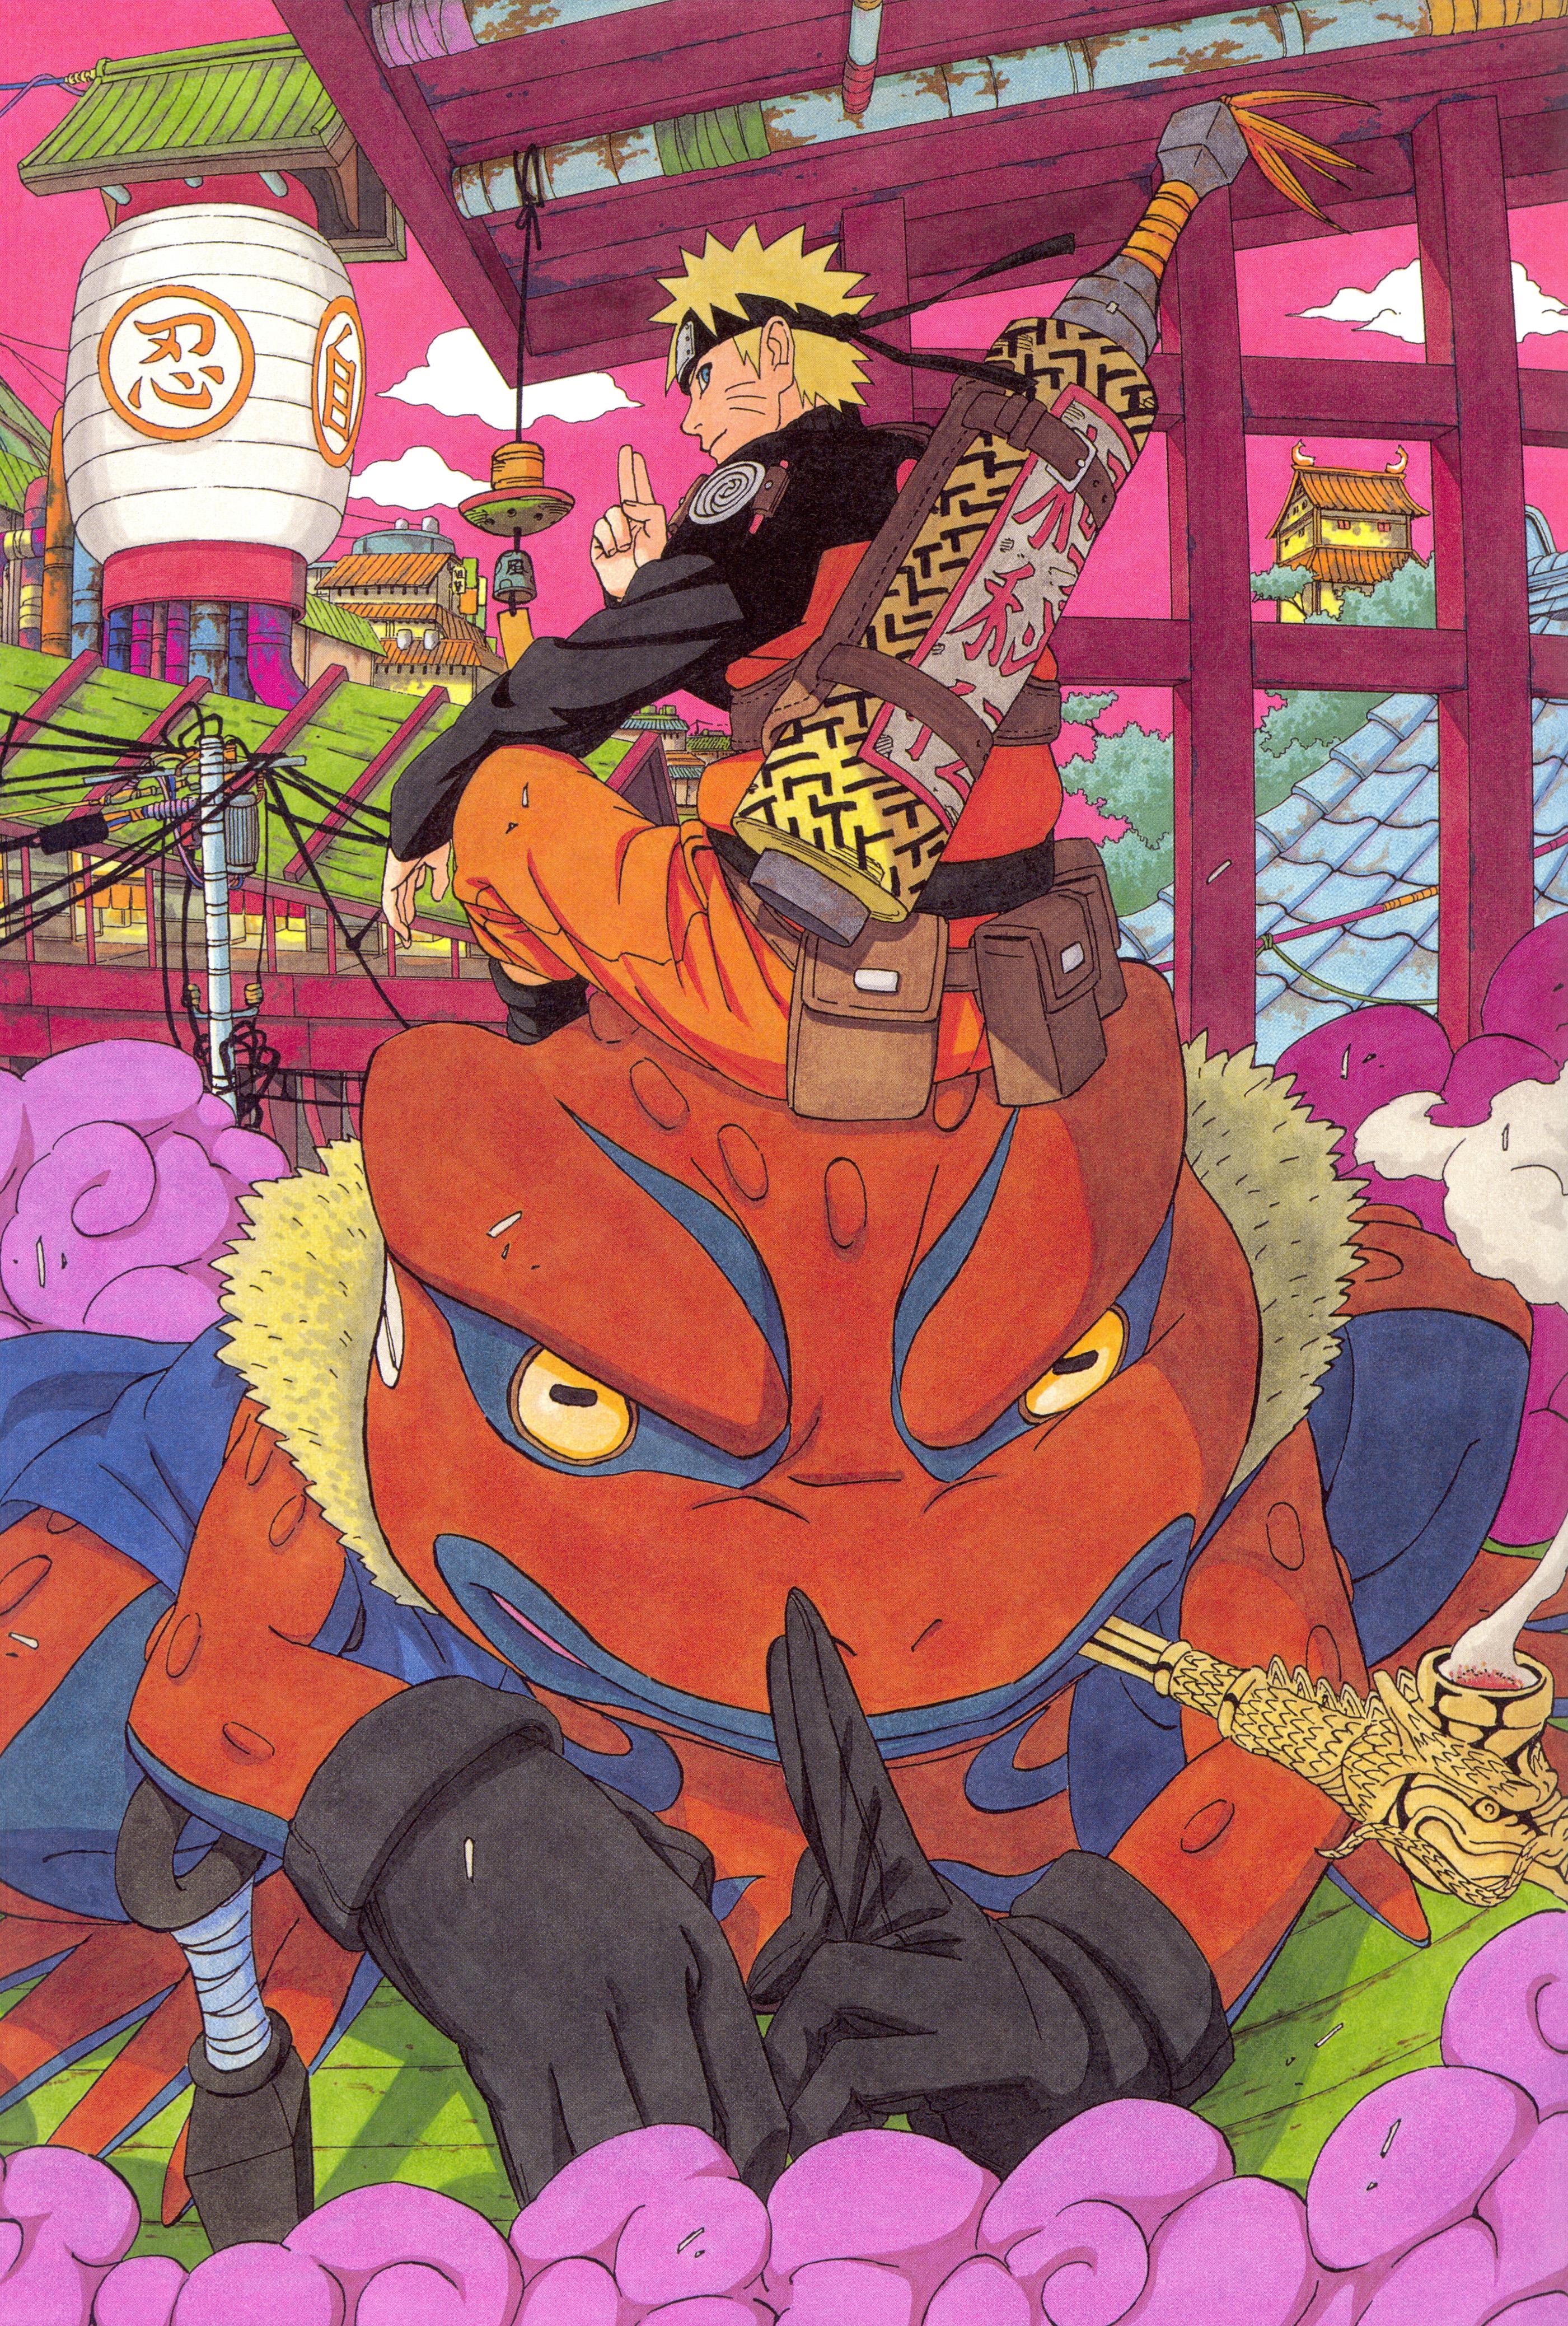 Download Wallpaper Naruto Art - Naruto-Shippuuden-Masashi-Kishimoto-Uzumaki-Naruto-artwork-illustration-1200495  Pic_932773.jpg